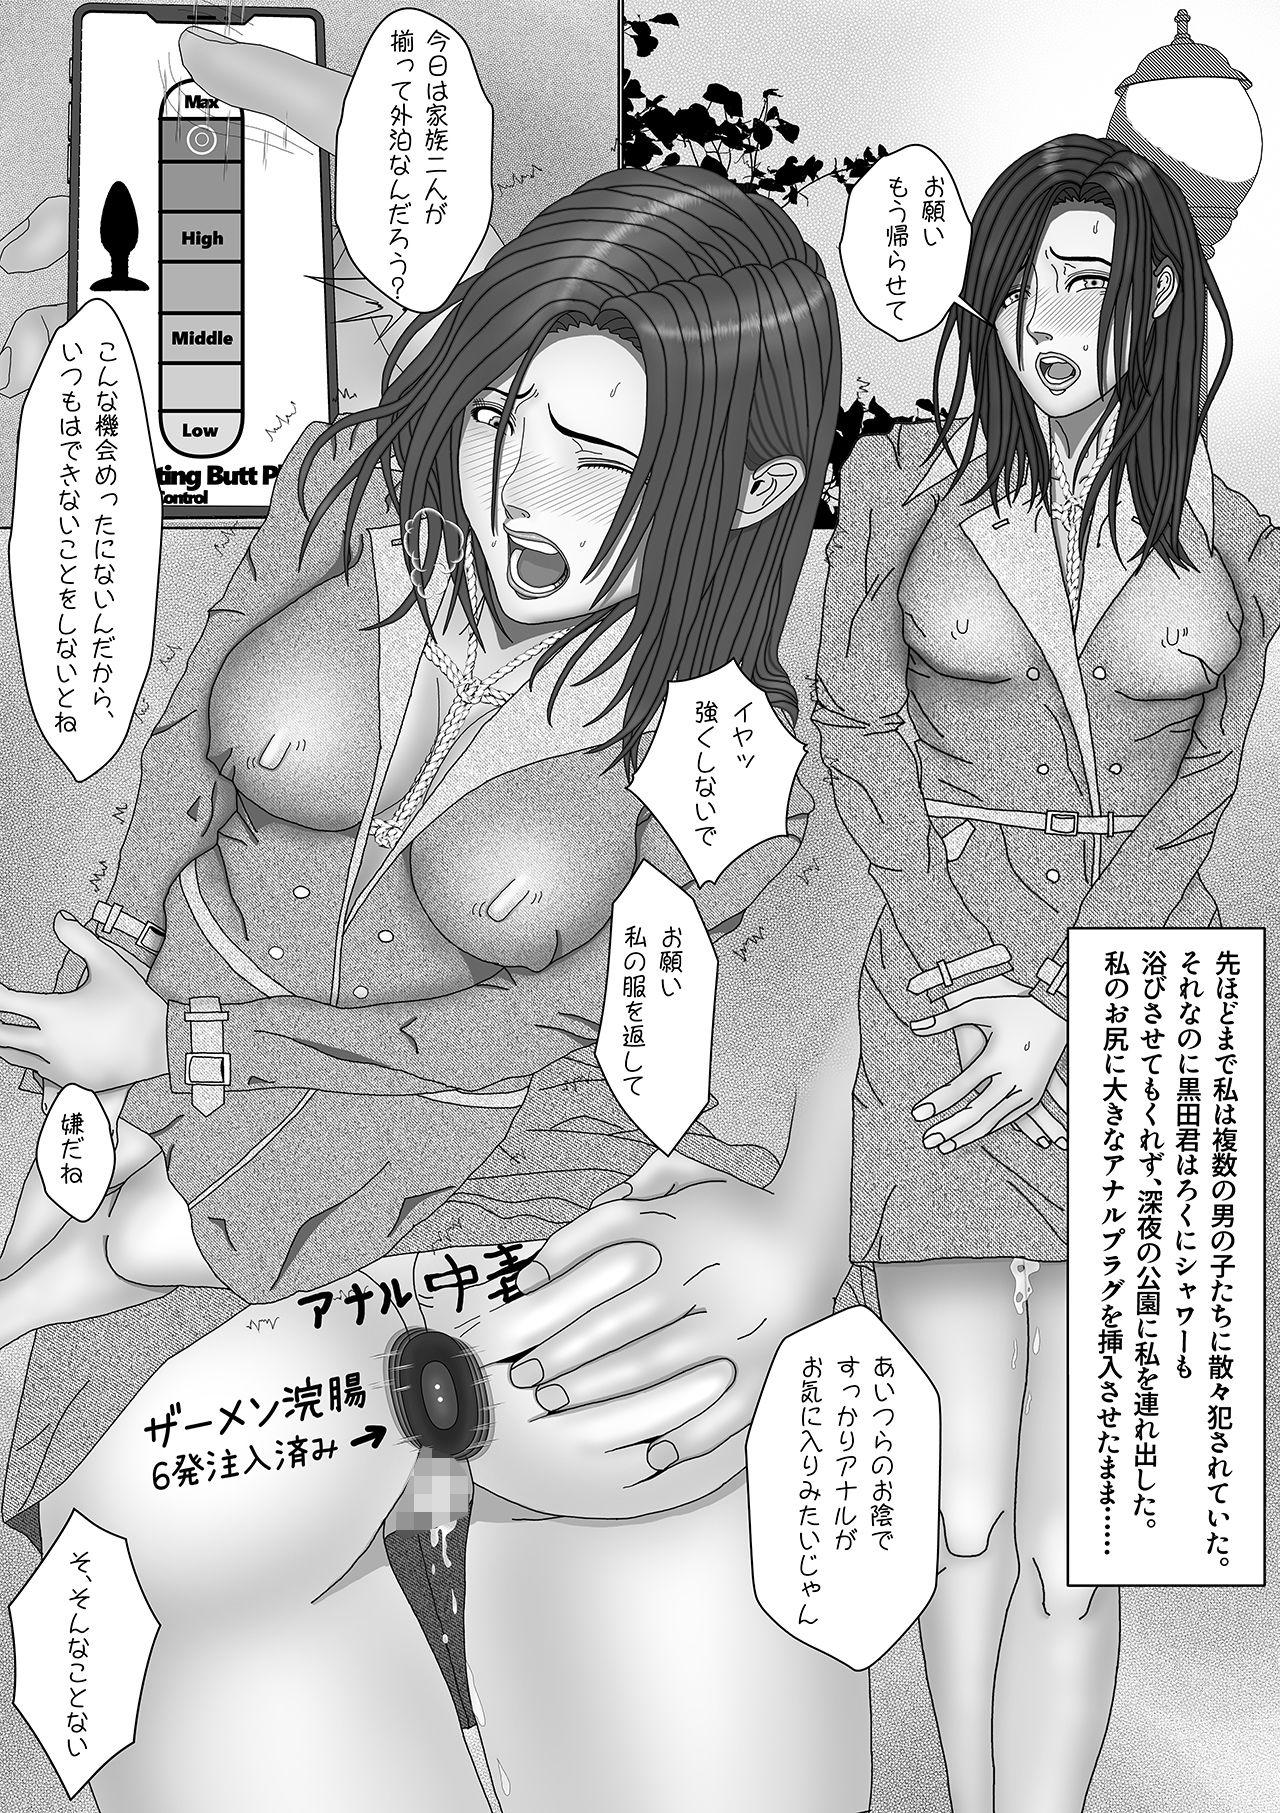 ツマガサネ Vol.33